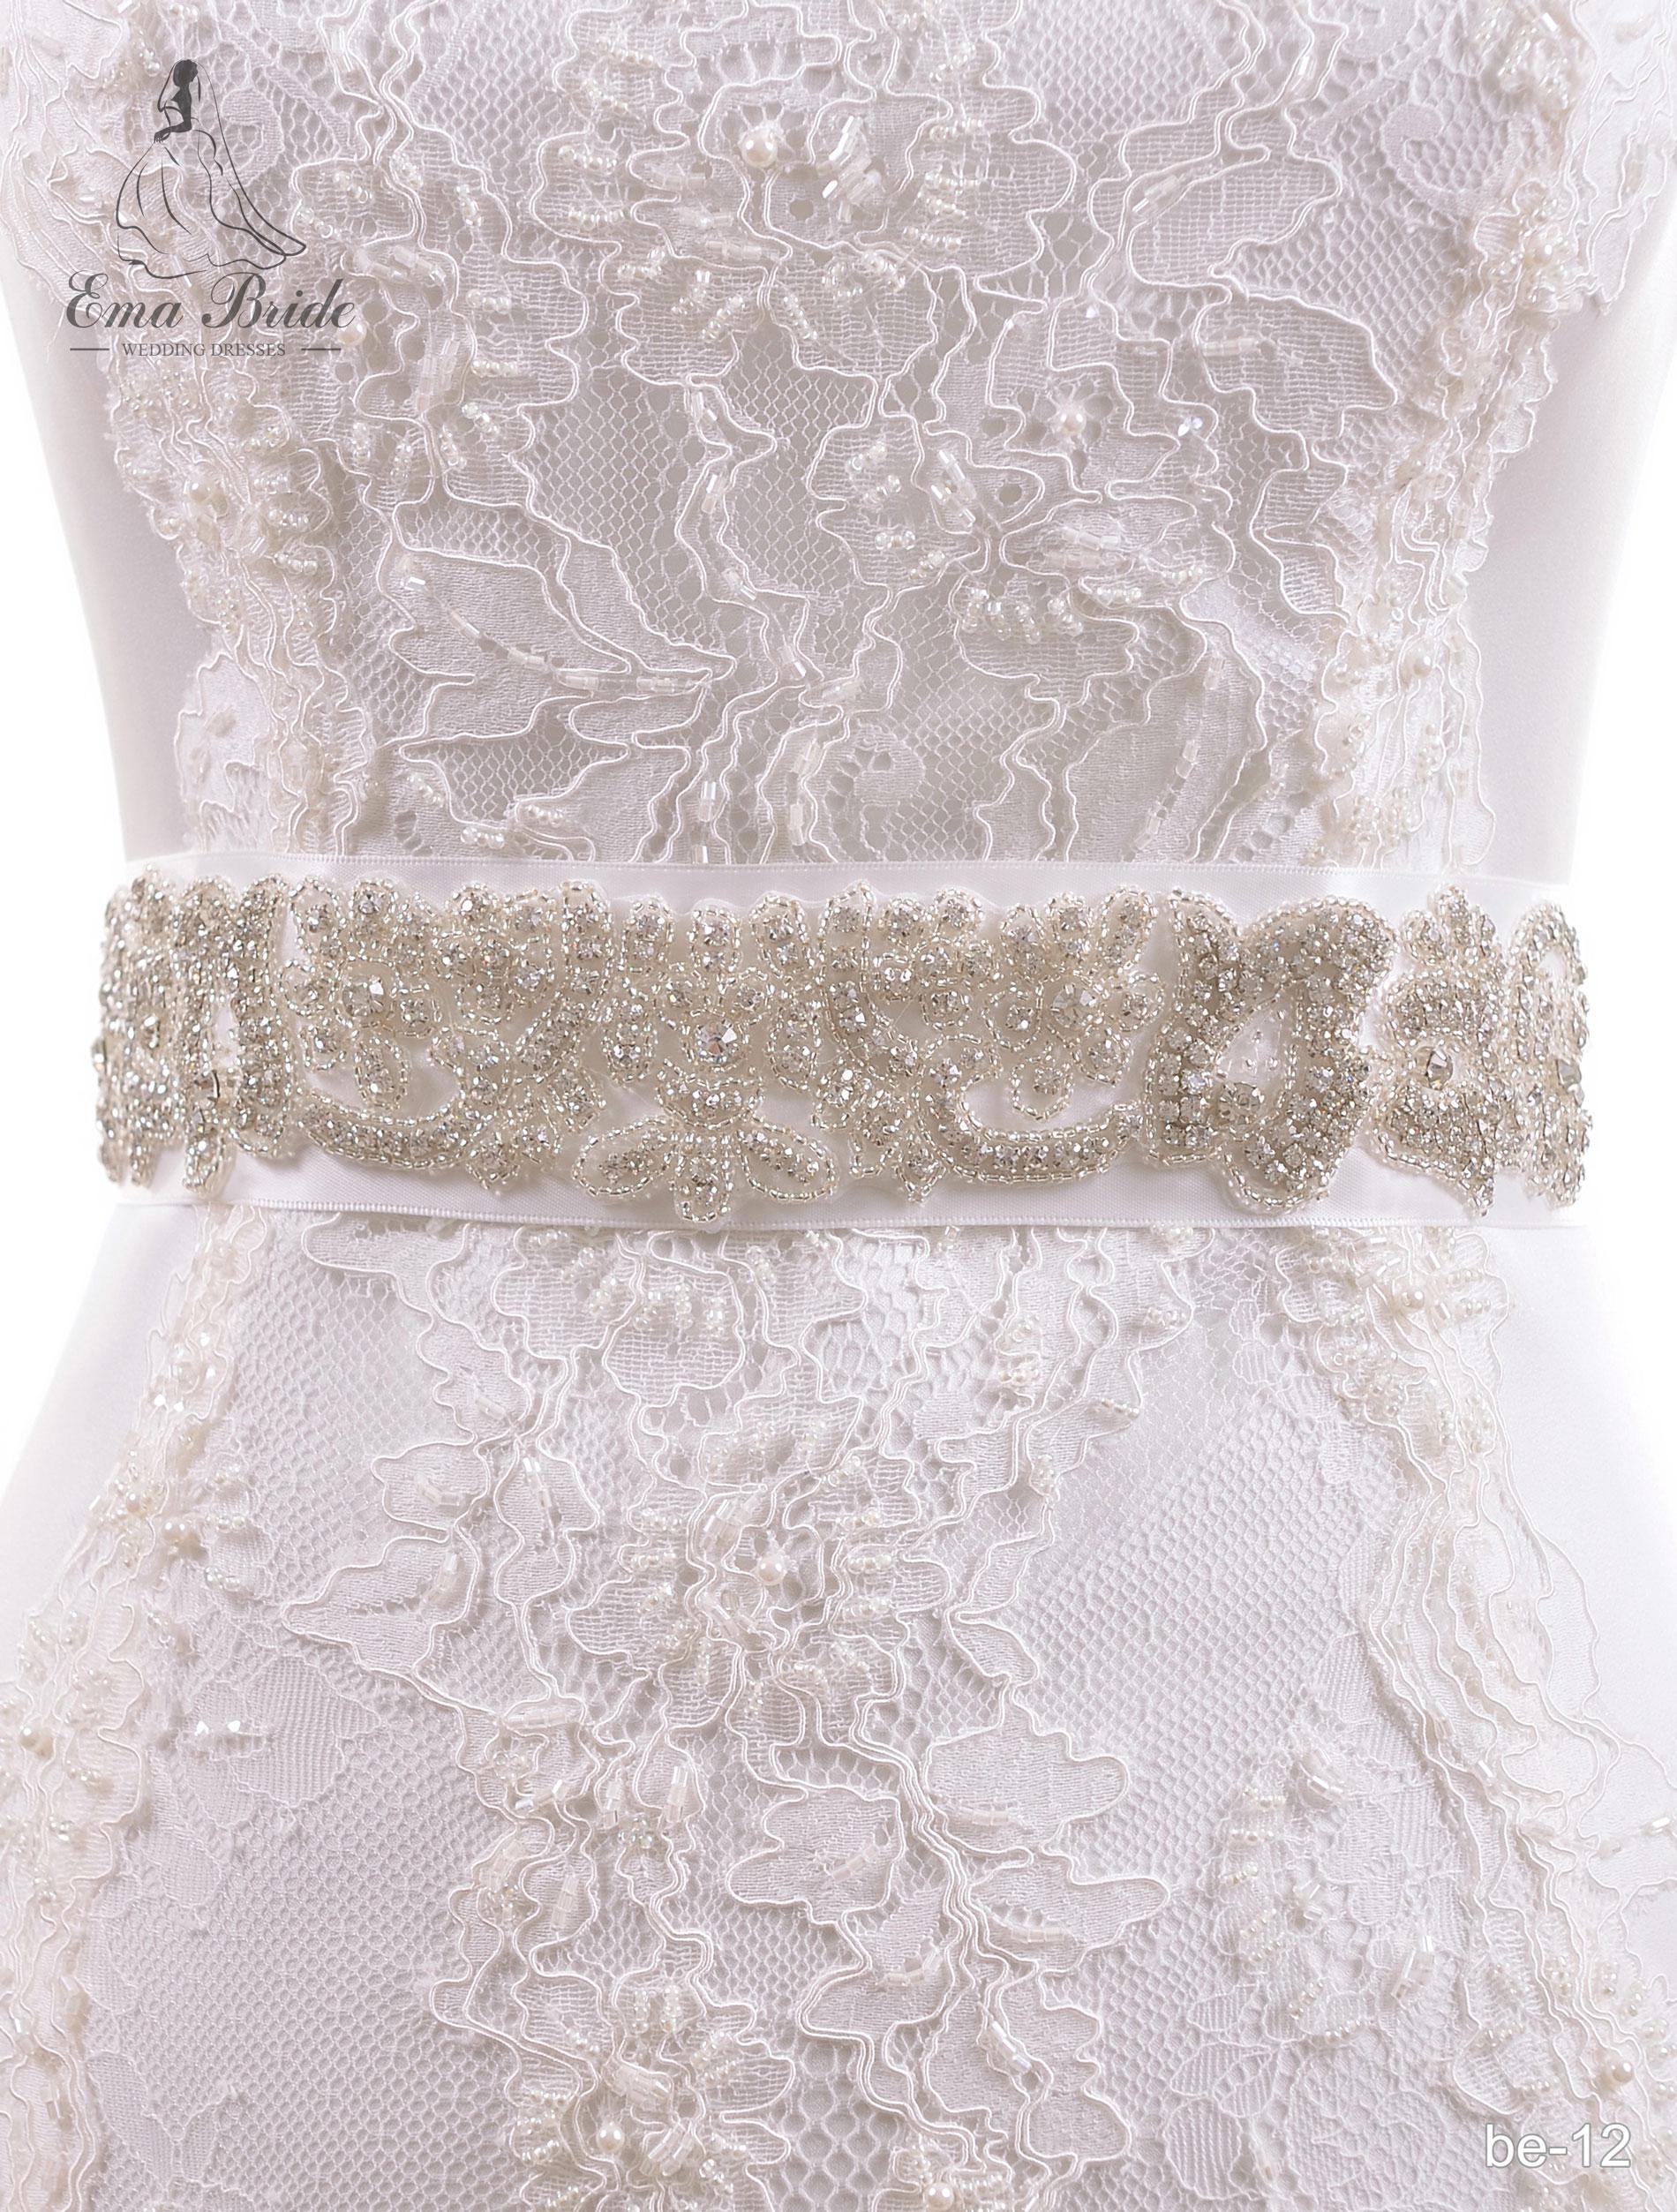 A belt for a wedding dress Be-12